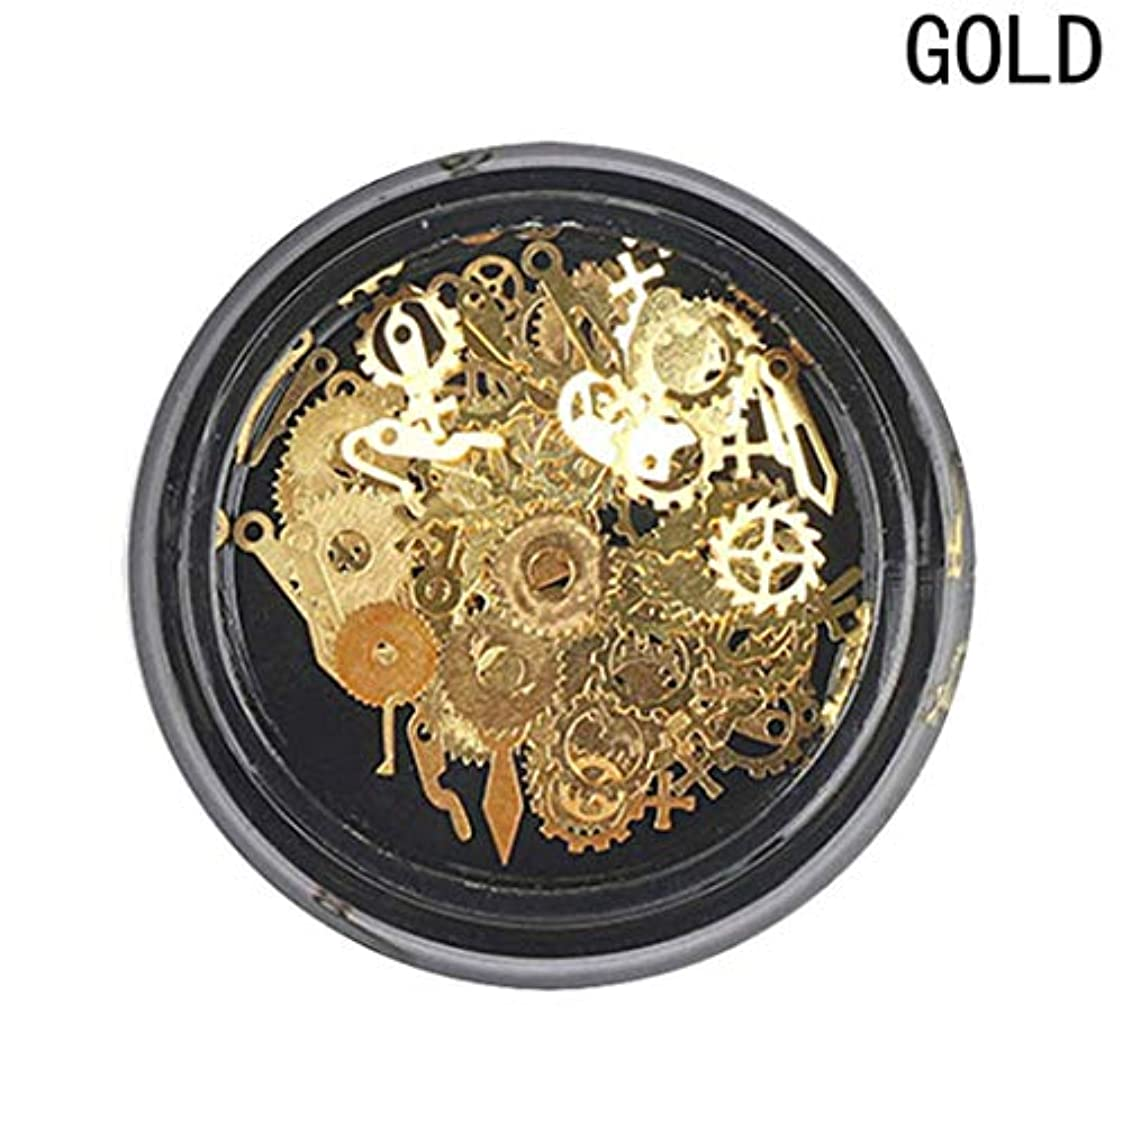 海上愛情深い経験者Wadachikis ベストセラーファッションユニークな合金蒸気パンクギアネイルアート装飾金属スタイルの創造的な女性の爪DIYアクセサリー1ボックス(None golden)